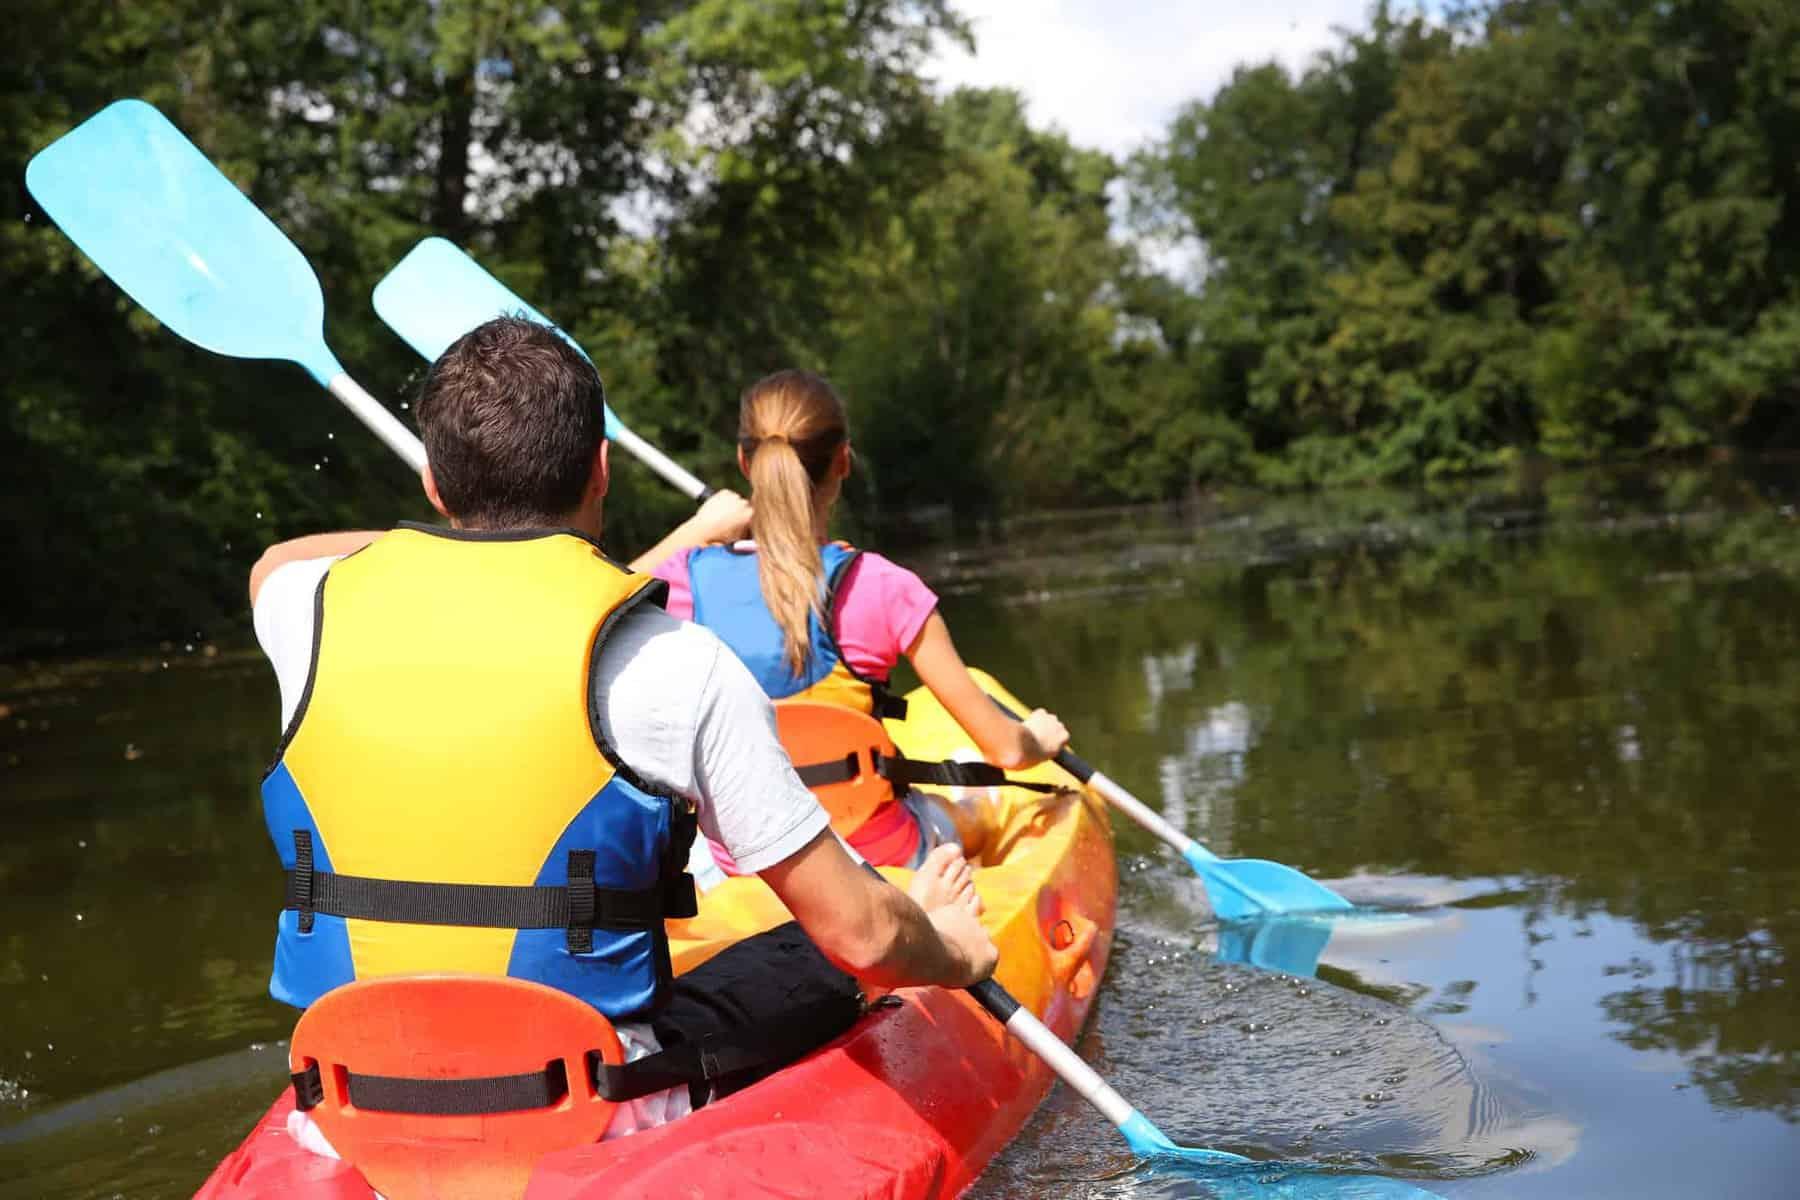 Couple paddling kayak in river